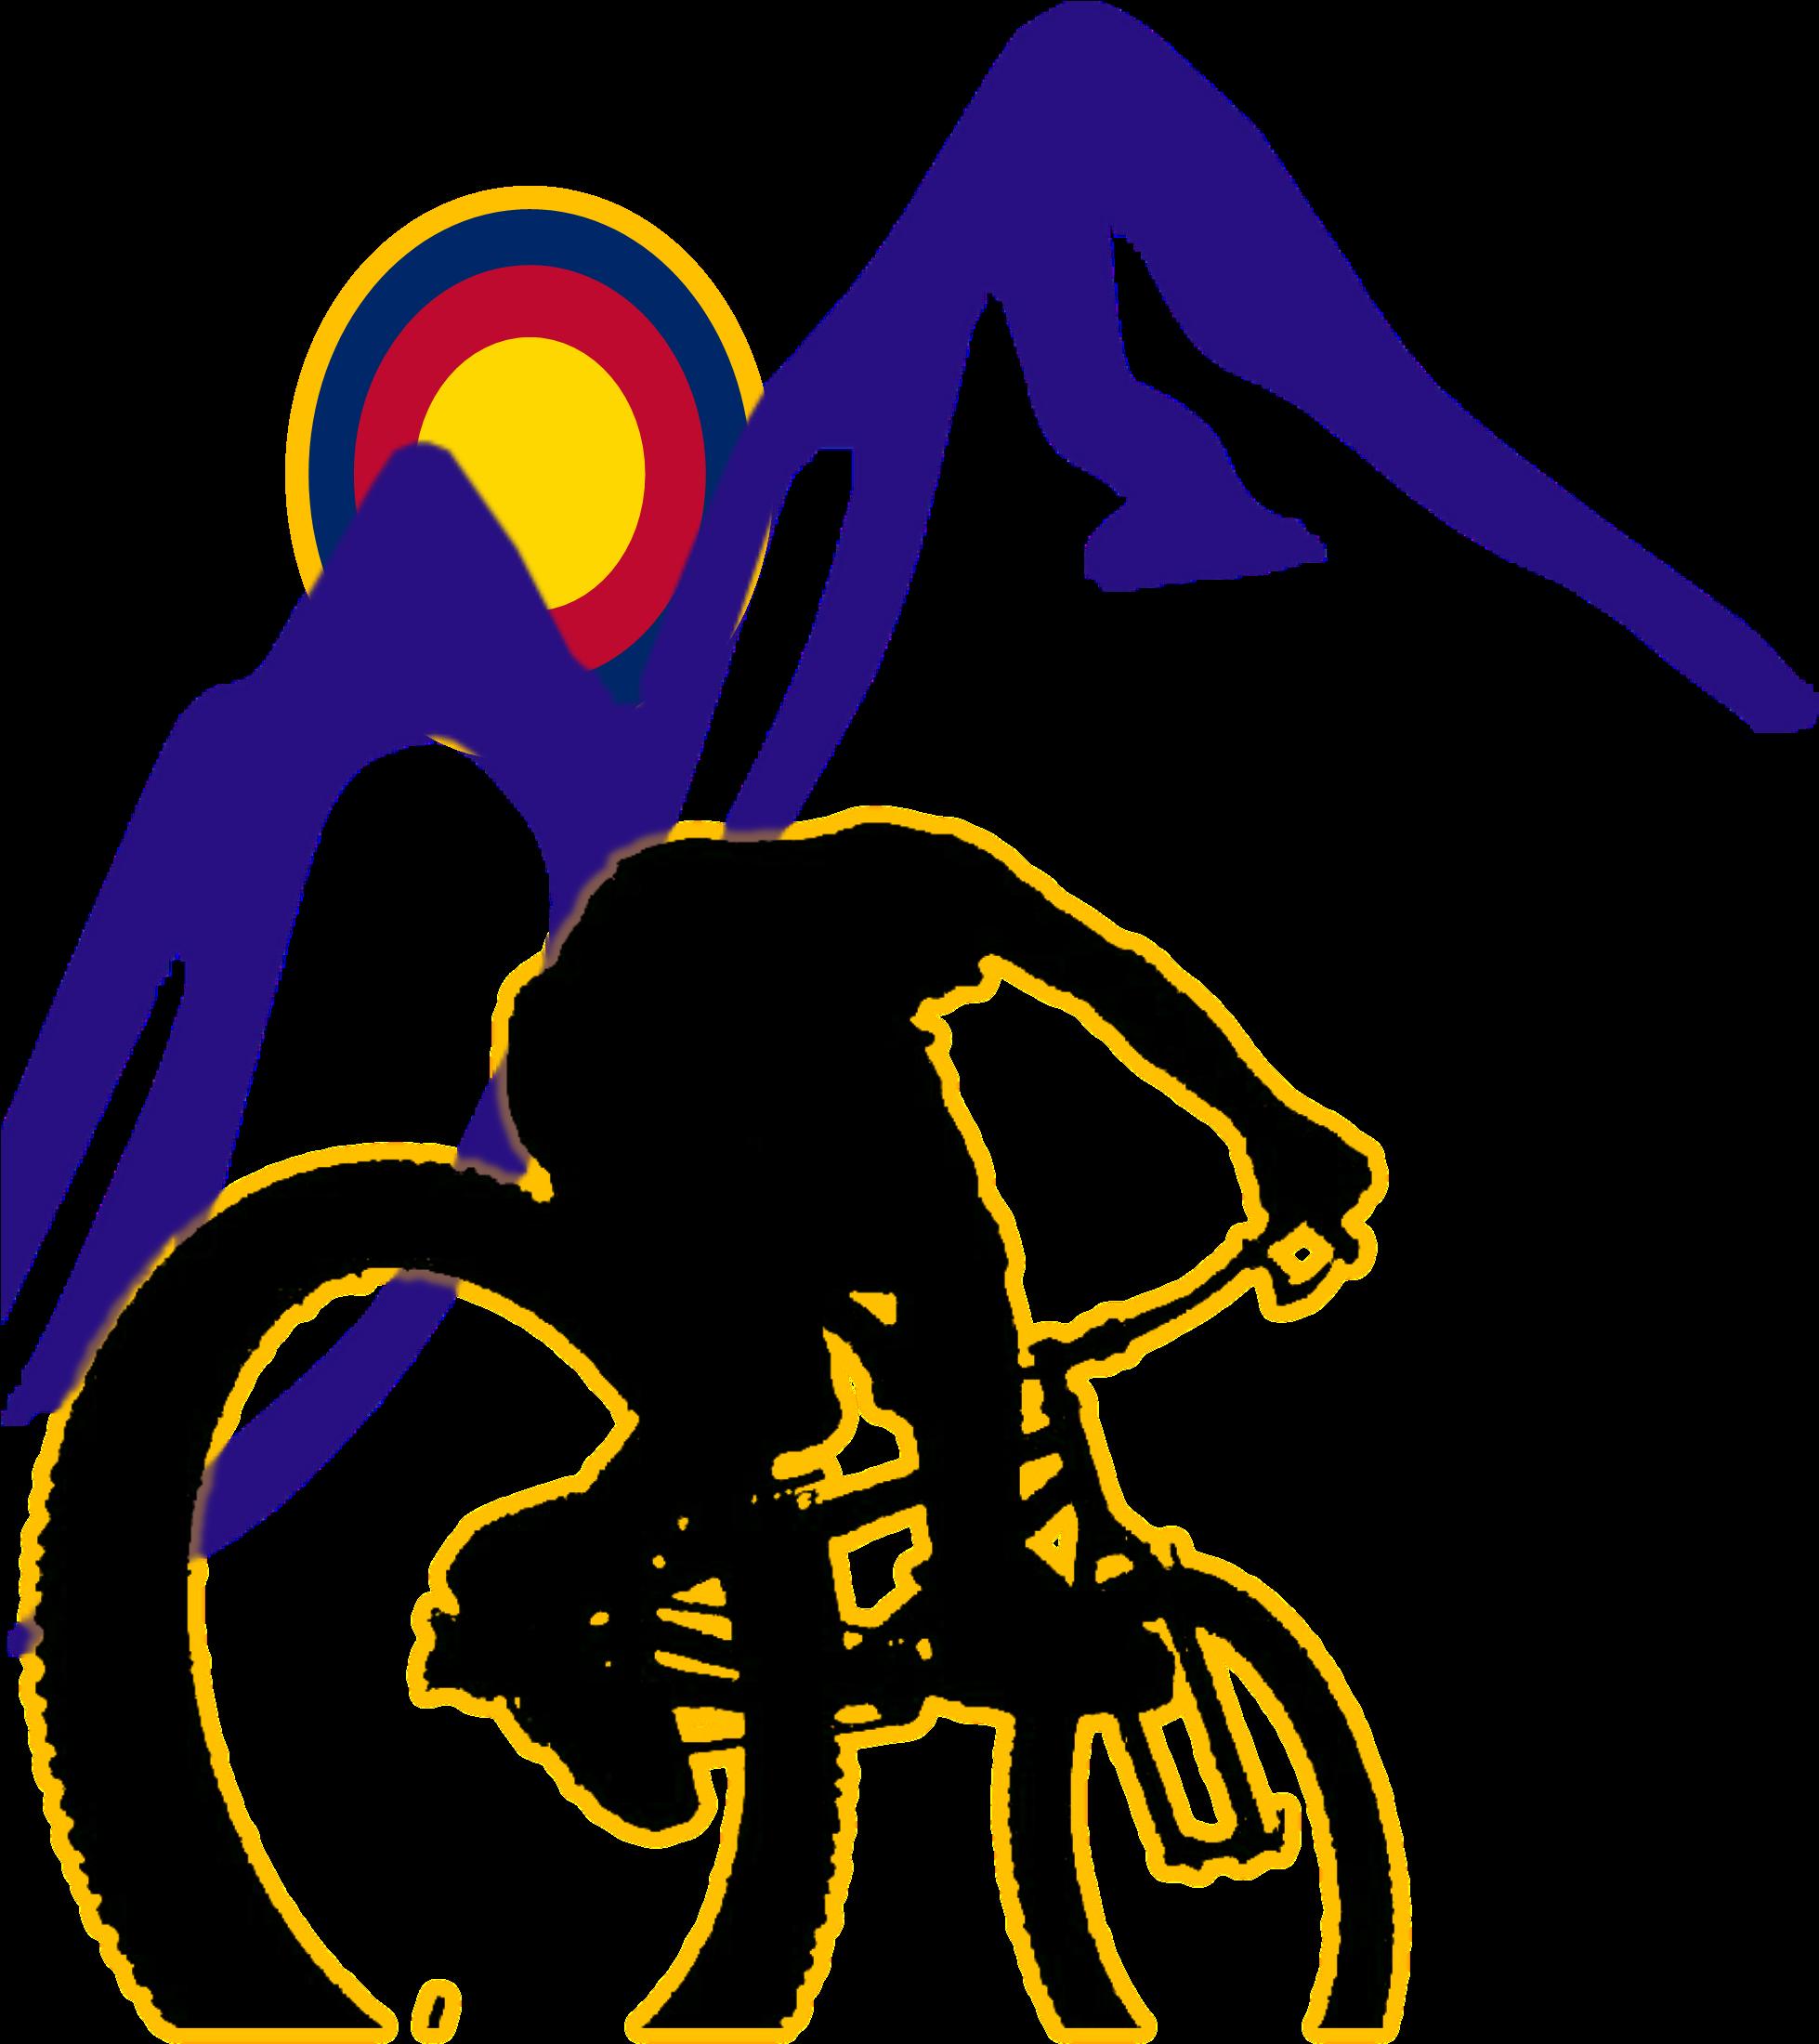 Велоспорт логотипы картинки